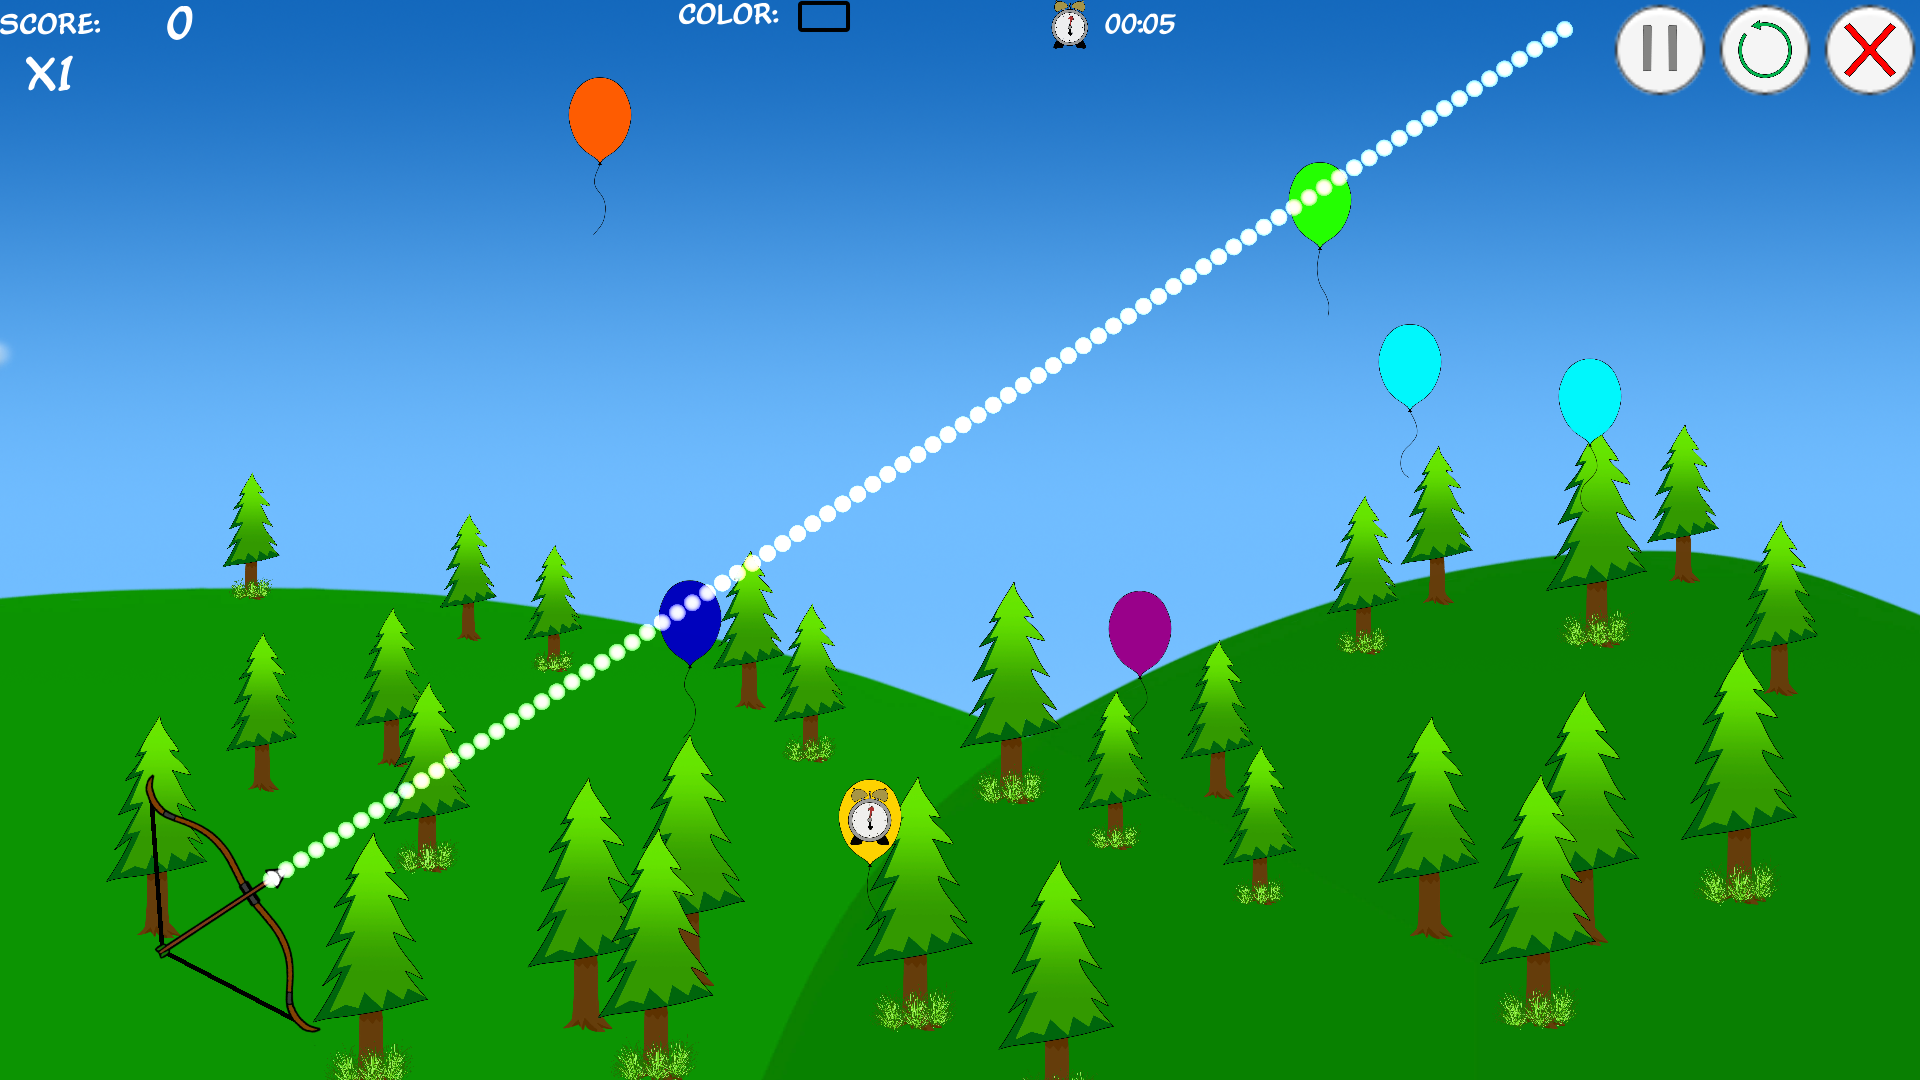 Burst Balloon (Arrebenta a Boca do Balão)